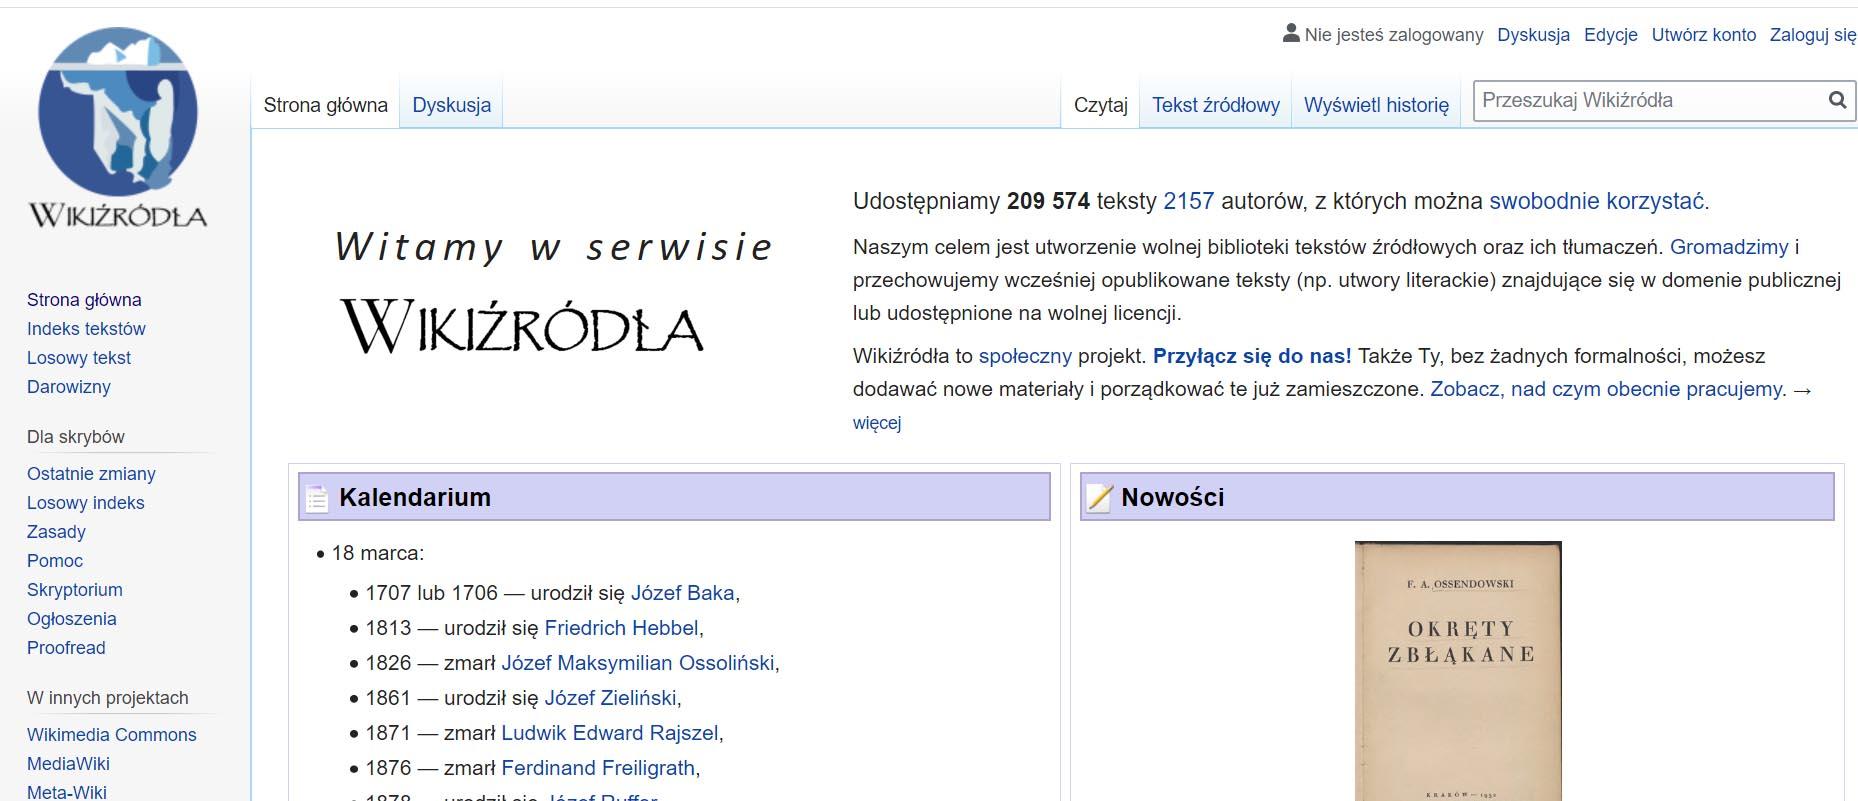 e-booki całkowicie za darmo na wikiźródla